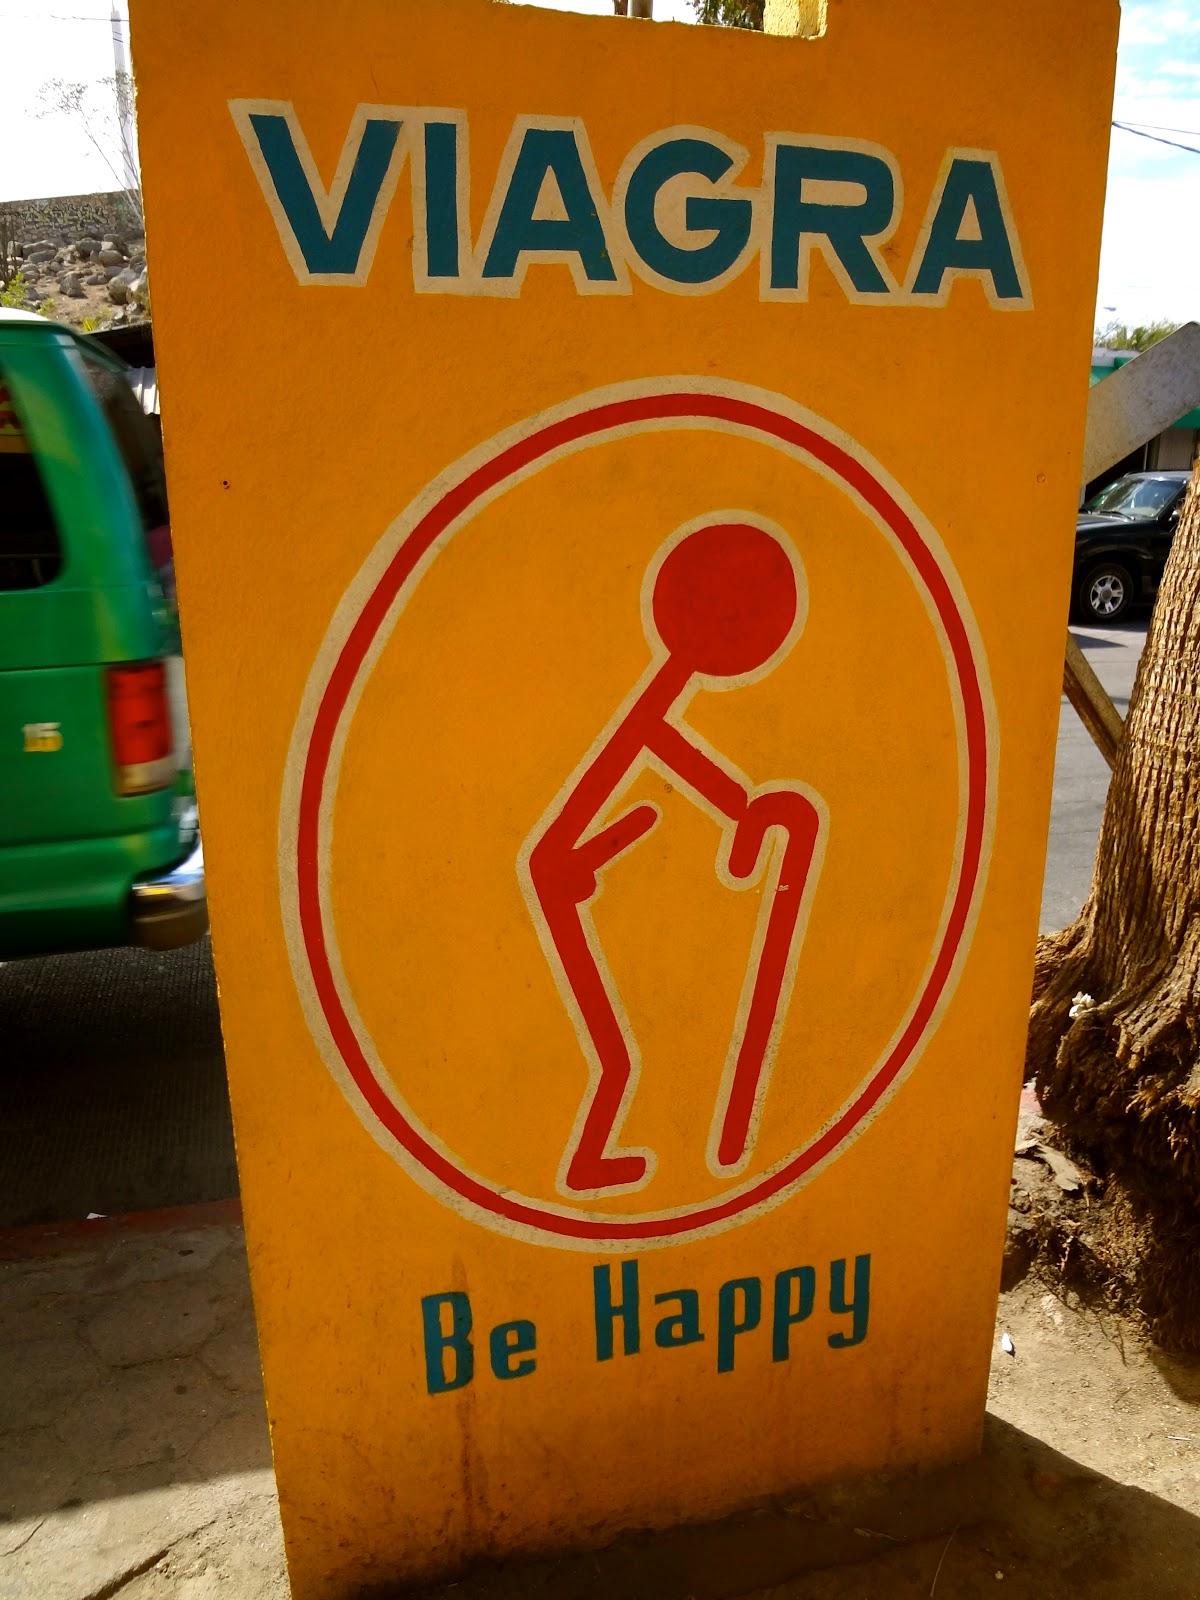 Viagra And H A P E